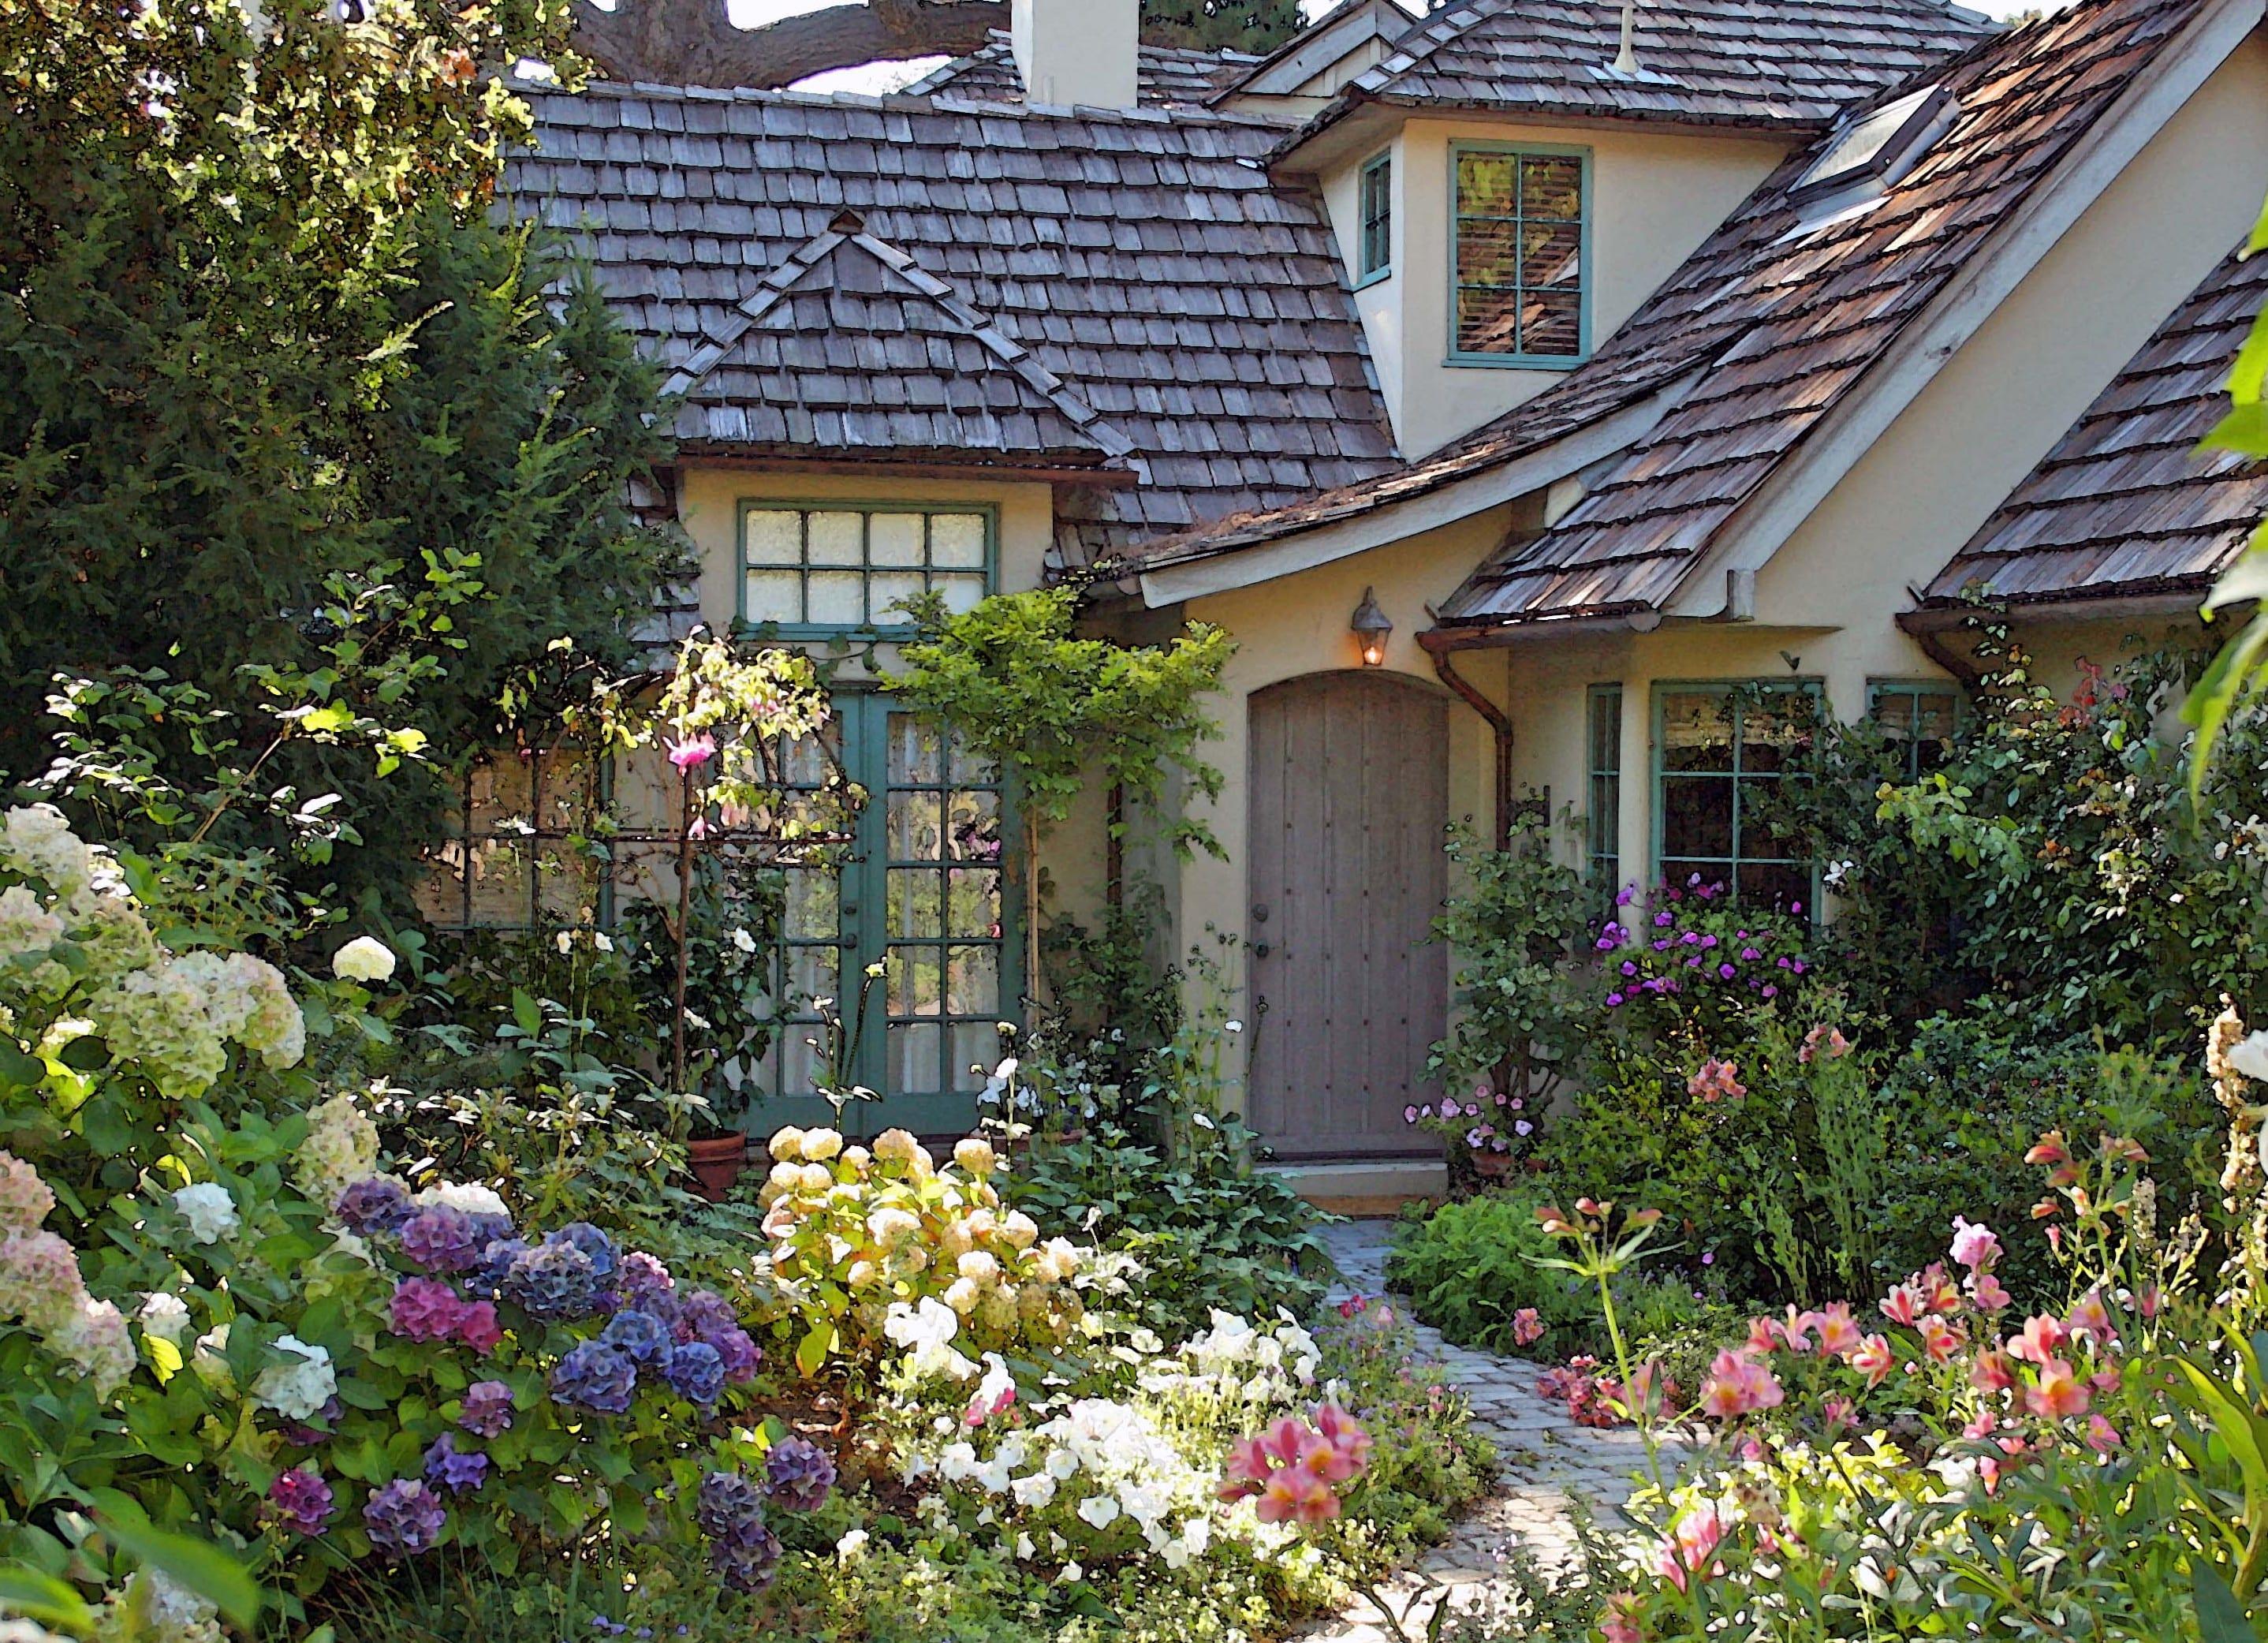 gartengestaltung mit bauerngartenblumen für fantastischer cottage garden design